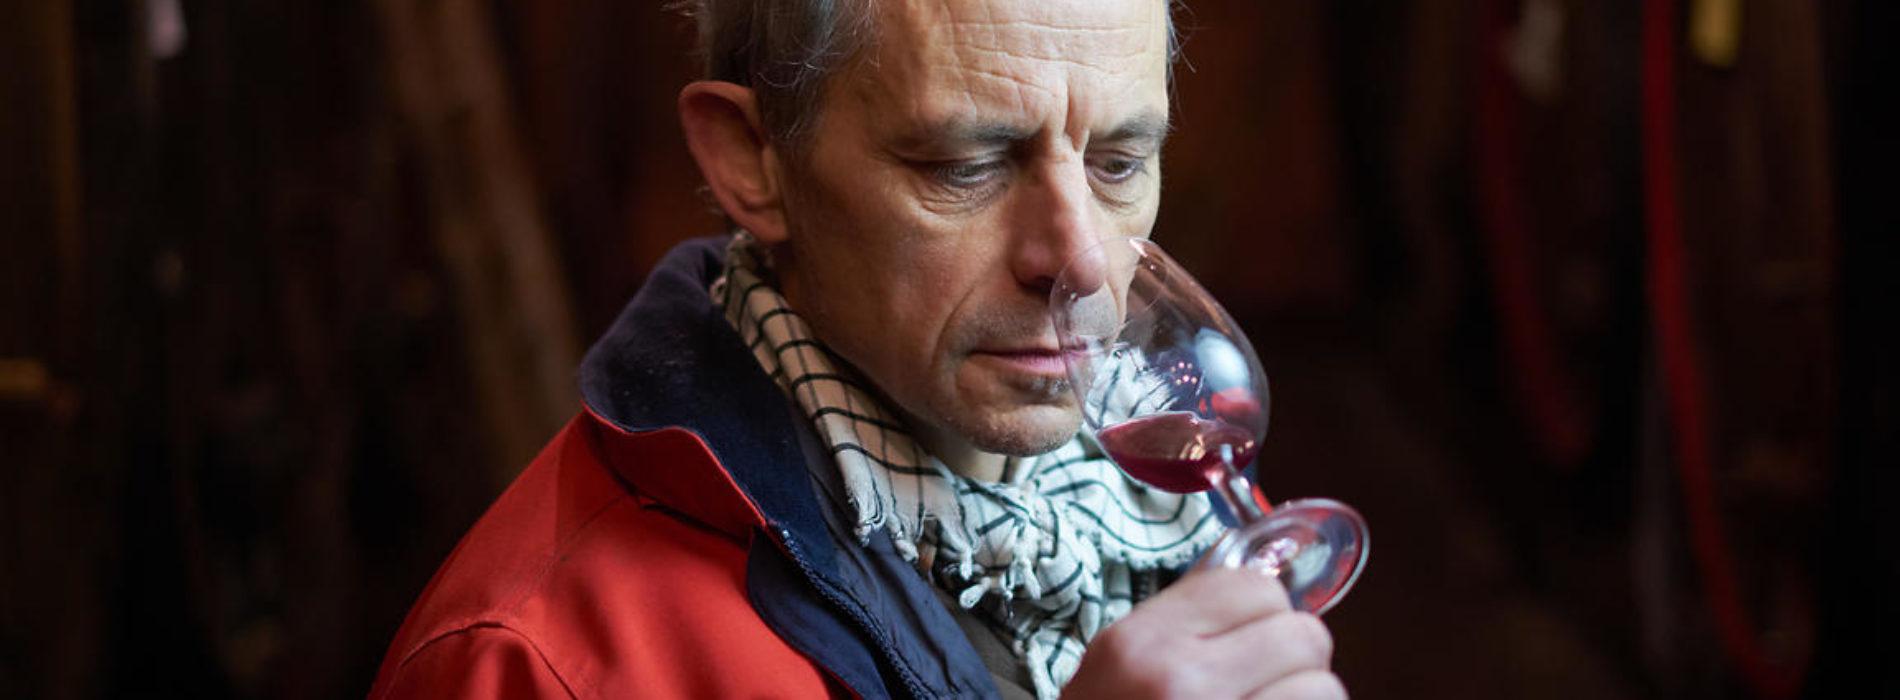 Pure Vins Vivants, i vini puri e vivi contro la pastorizzazione flash bio e la filtrazione tangenziale Demeter